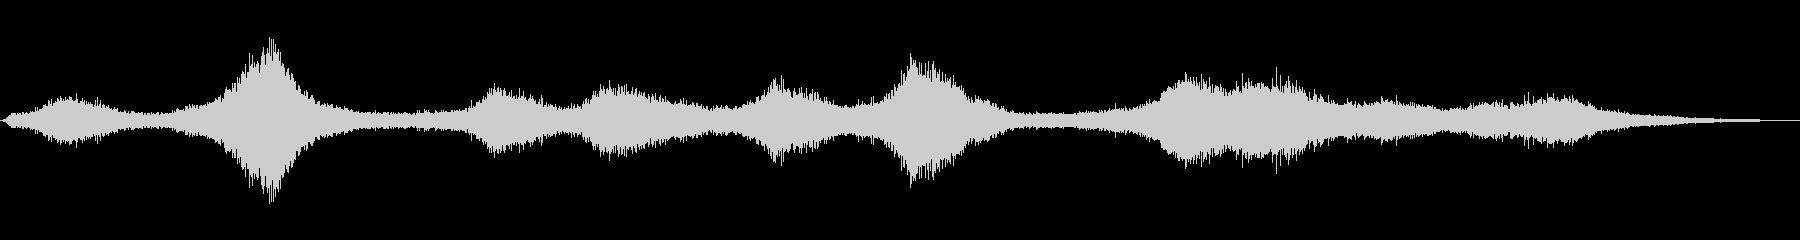 【生録音】 早朝の街 交通 環境音 26の未再生の波形